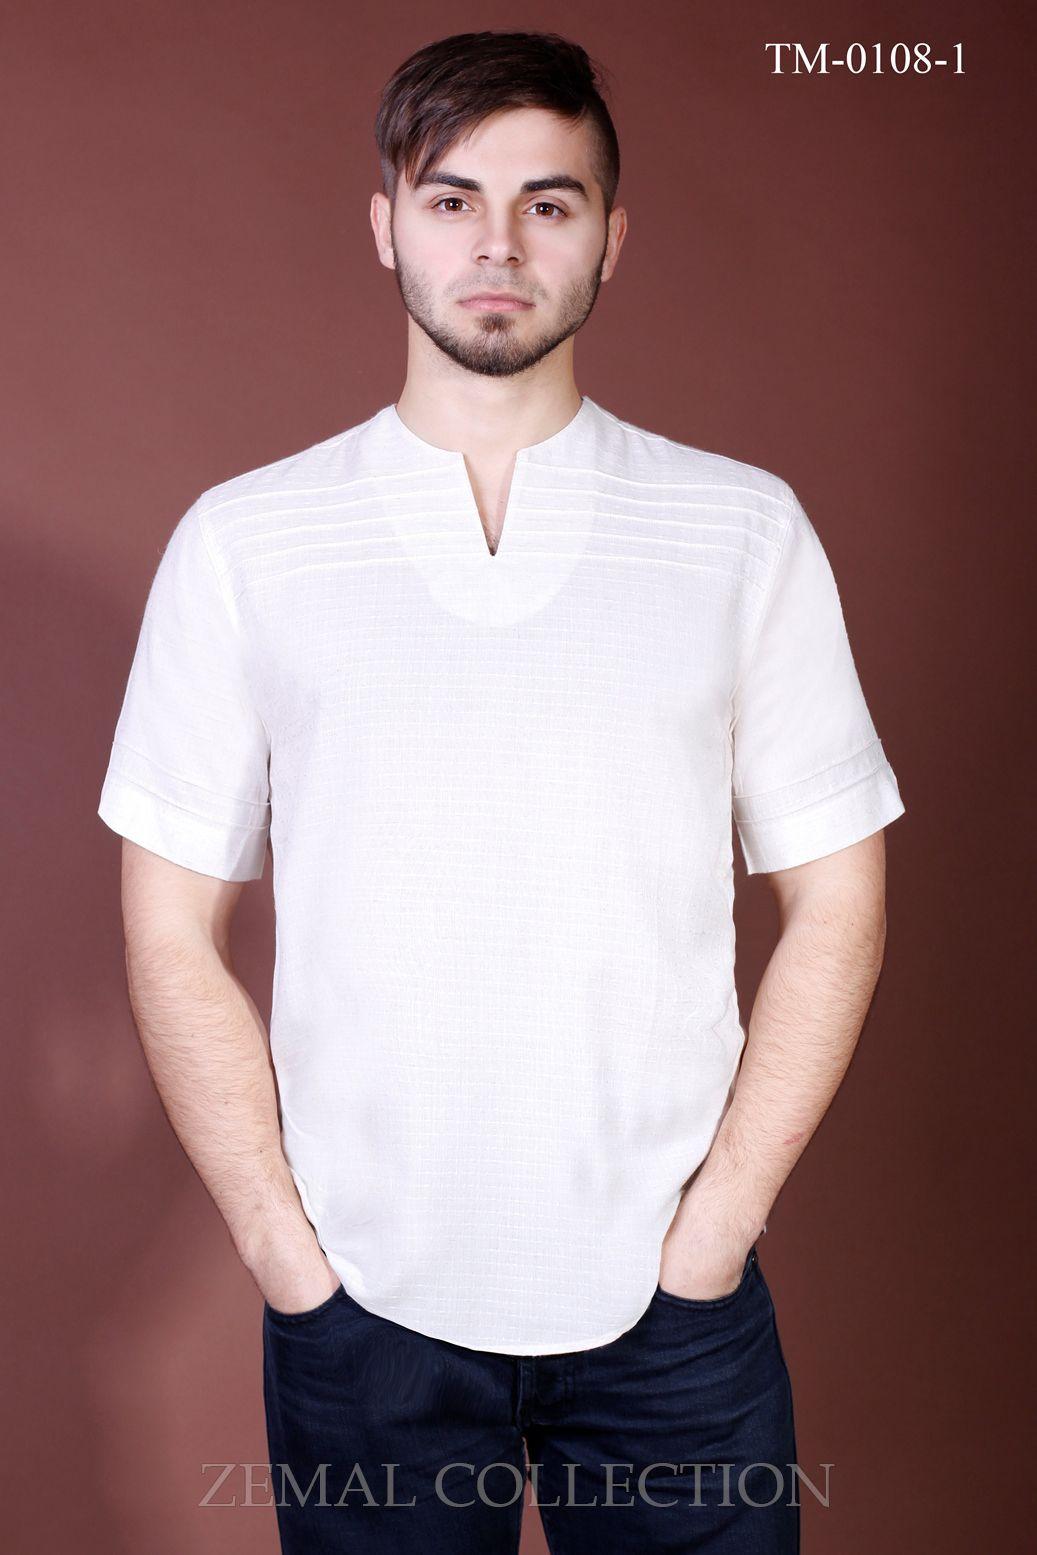 Сорочка tm-0108 купить на сайте производителя